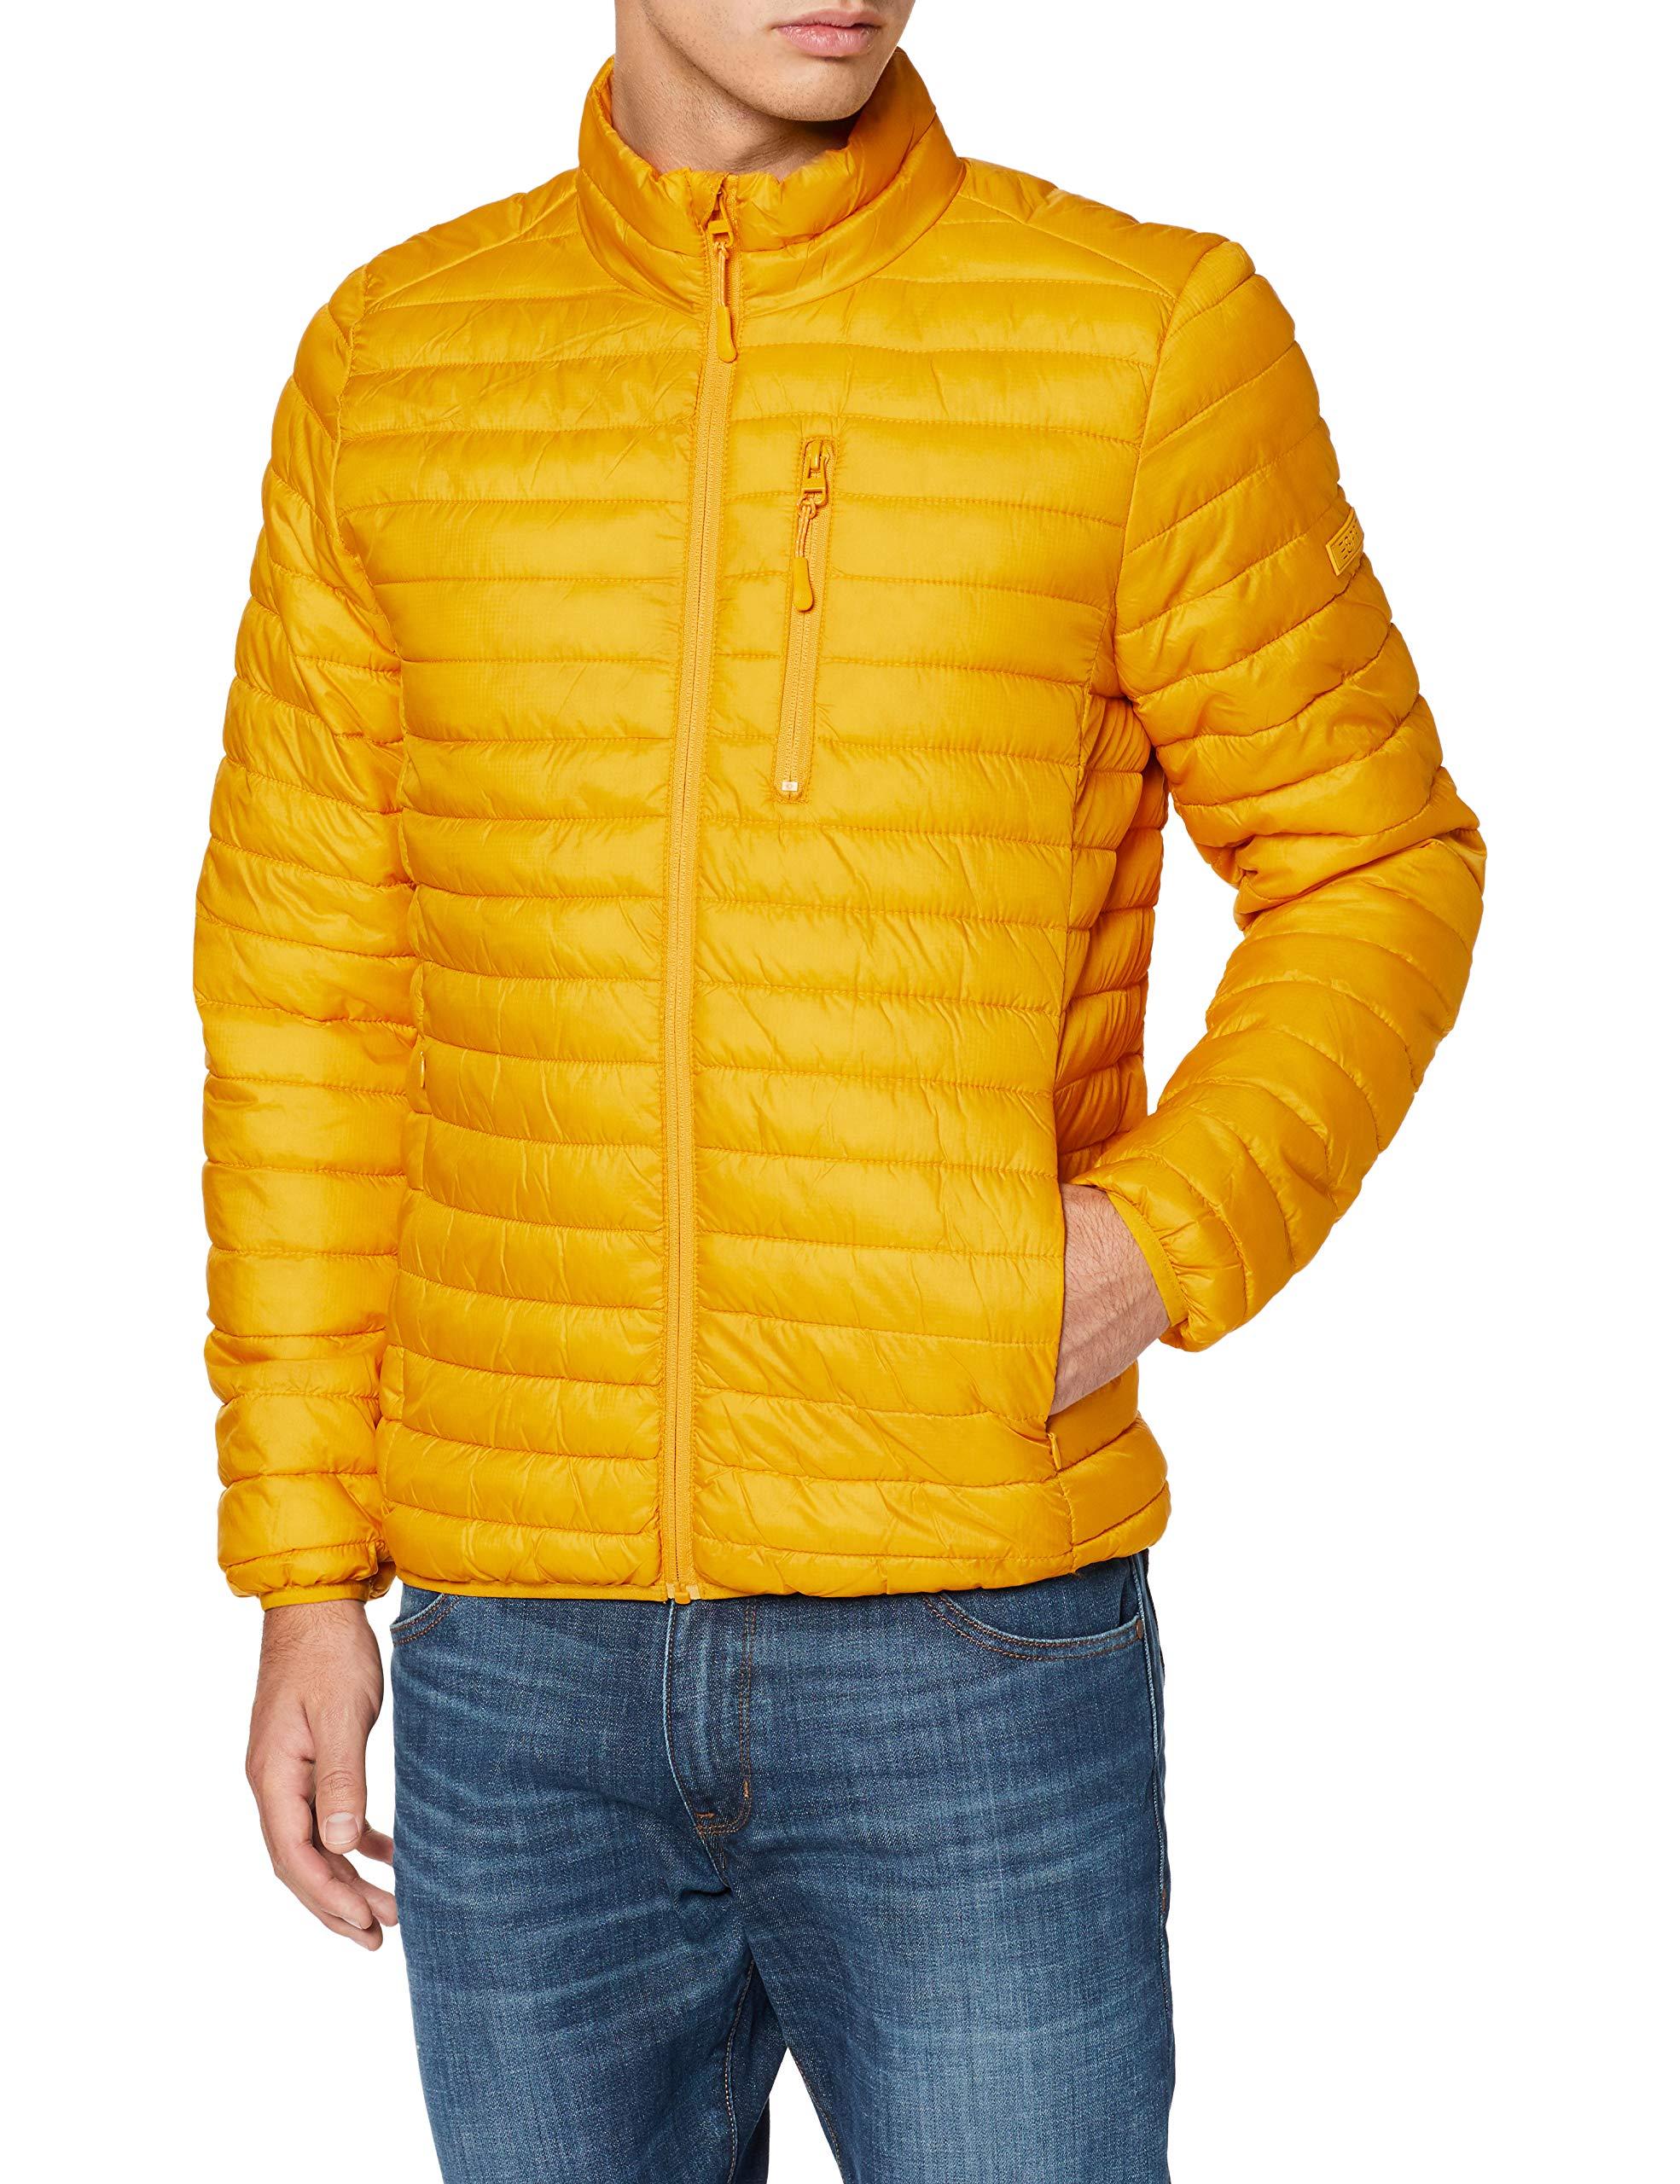 JackeGelbdusty 765SmallherstellergrößeS 079ee2g003 Esprit Yellow Herren wX0nOkP8